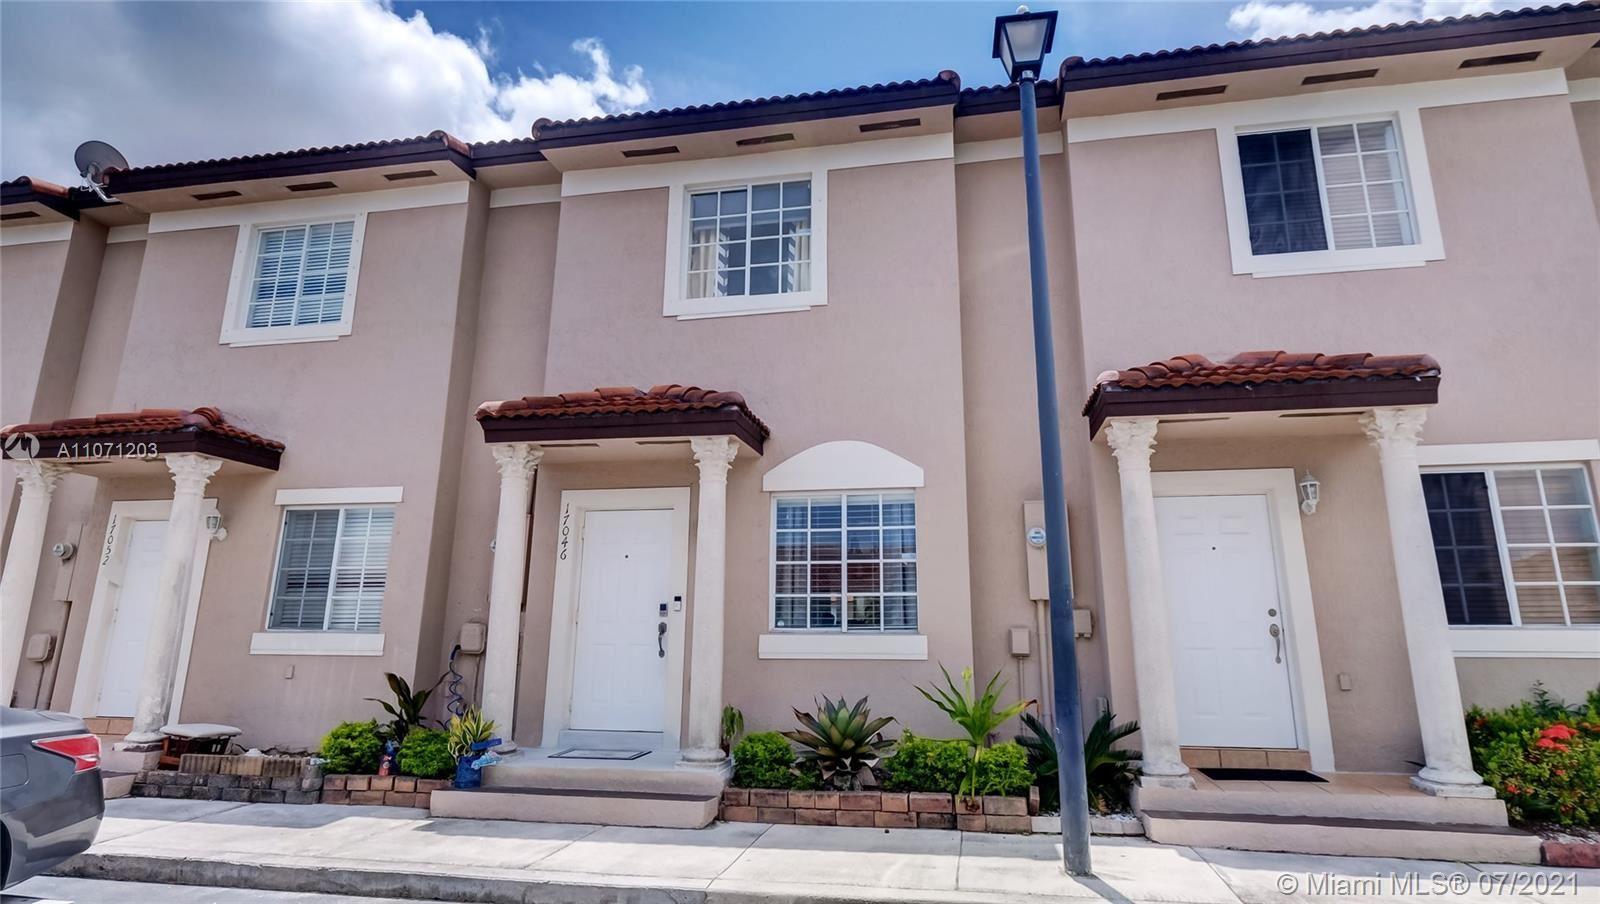 17046 SW 137th Pl, Miami, FL 33177 - #: A11071203